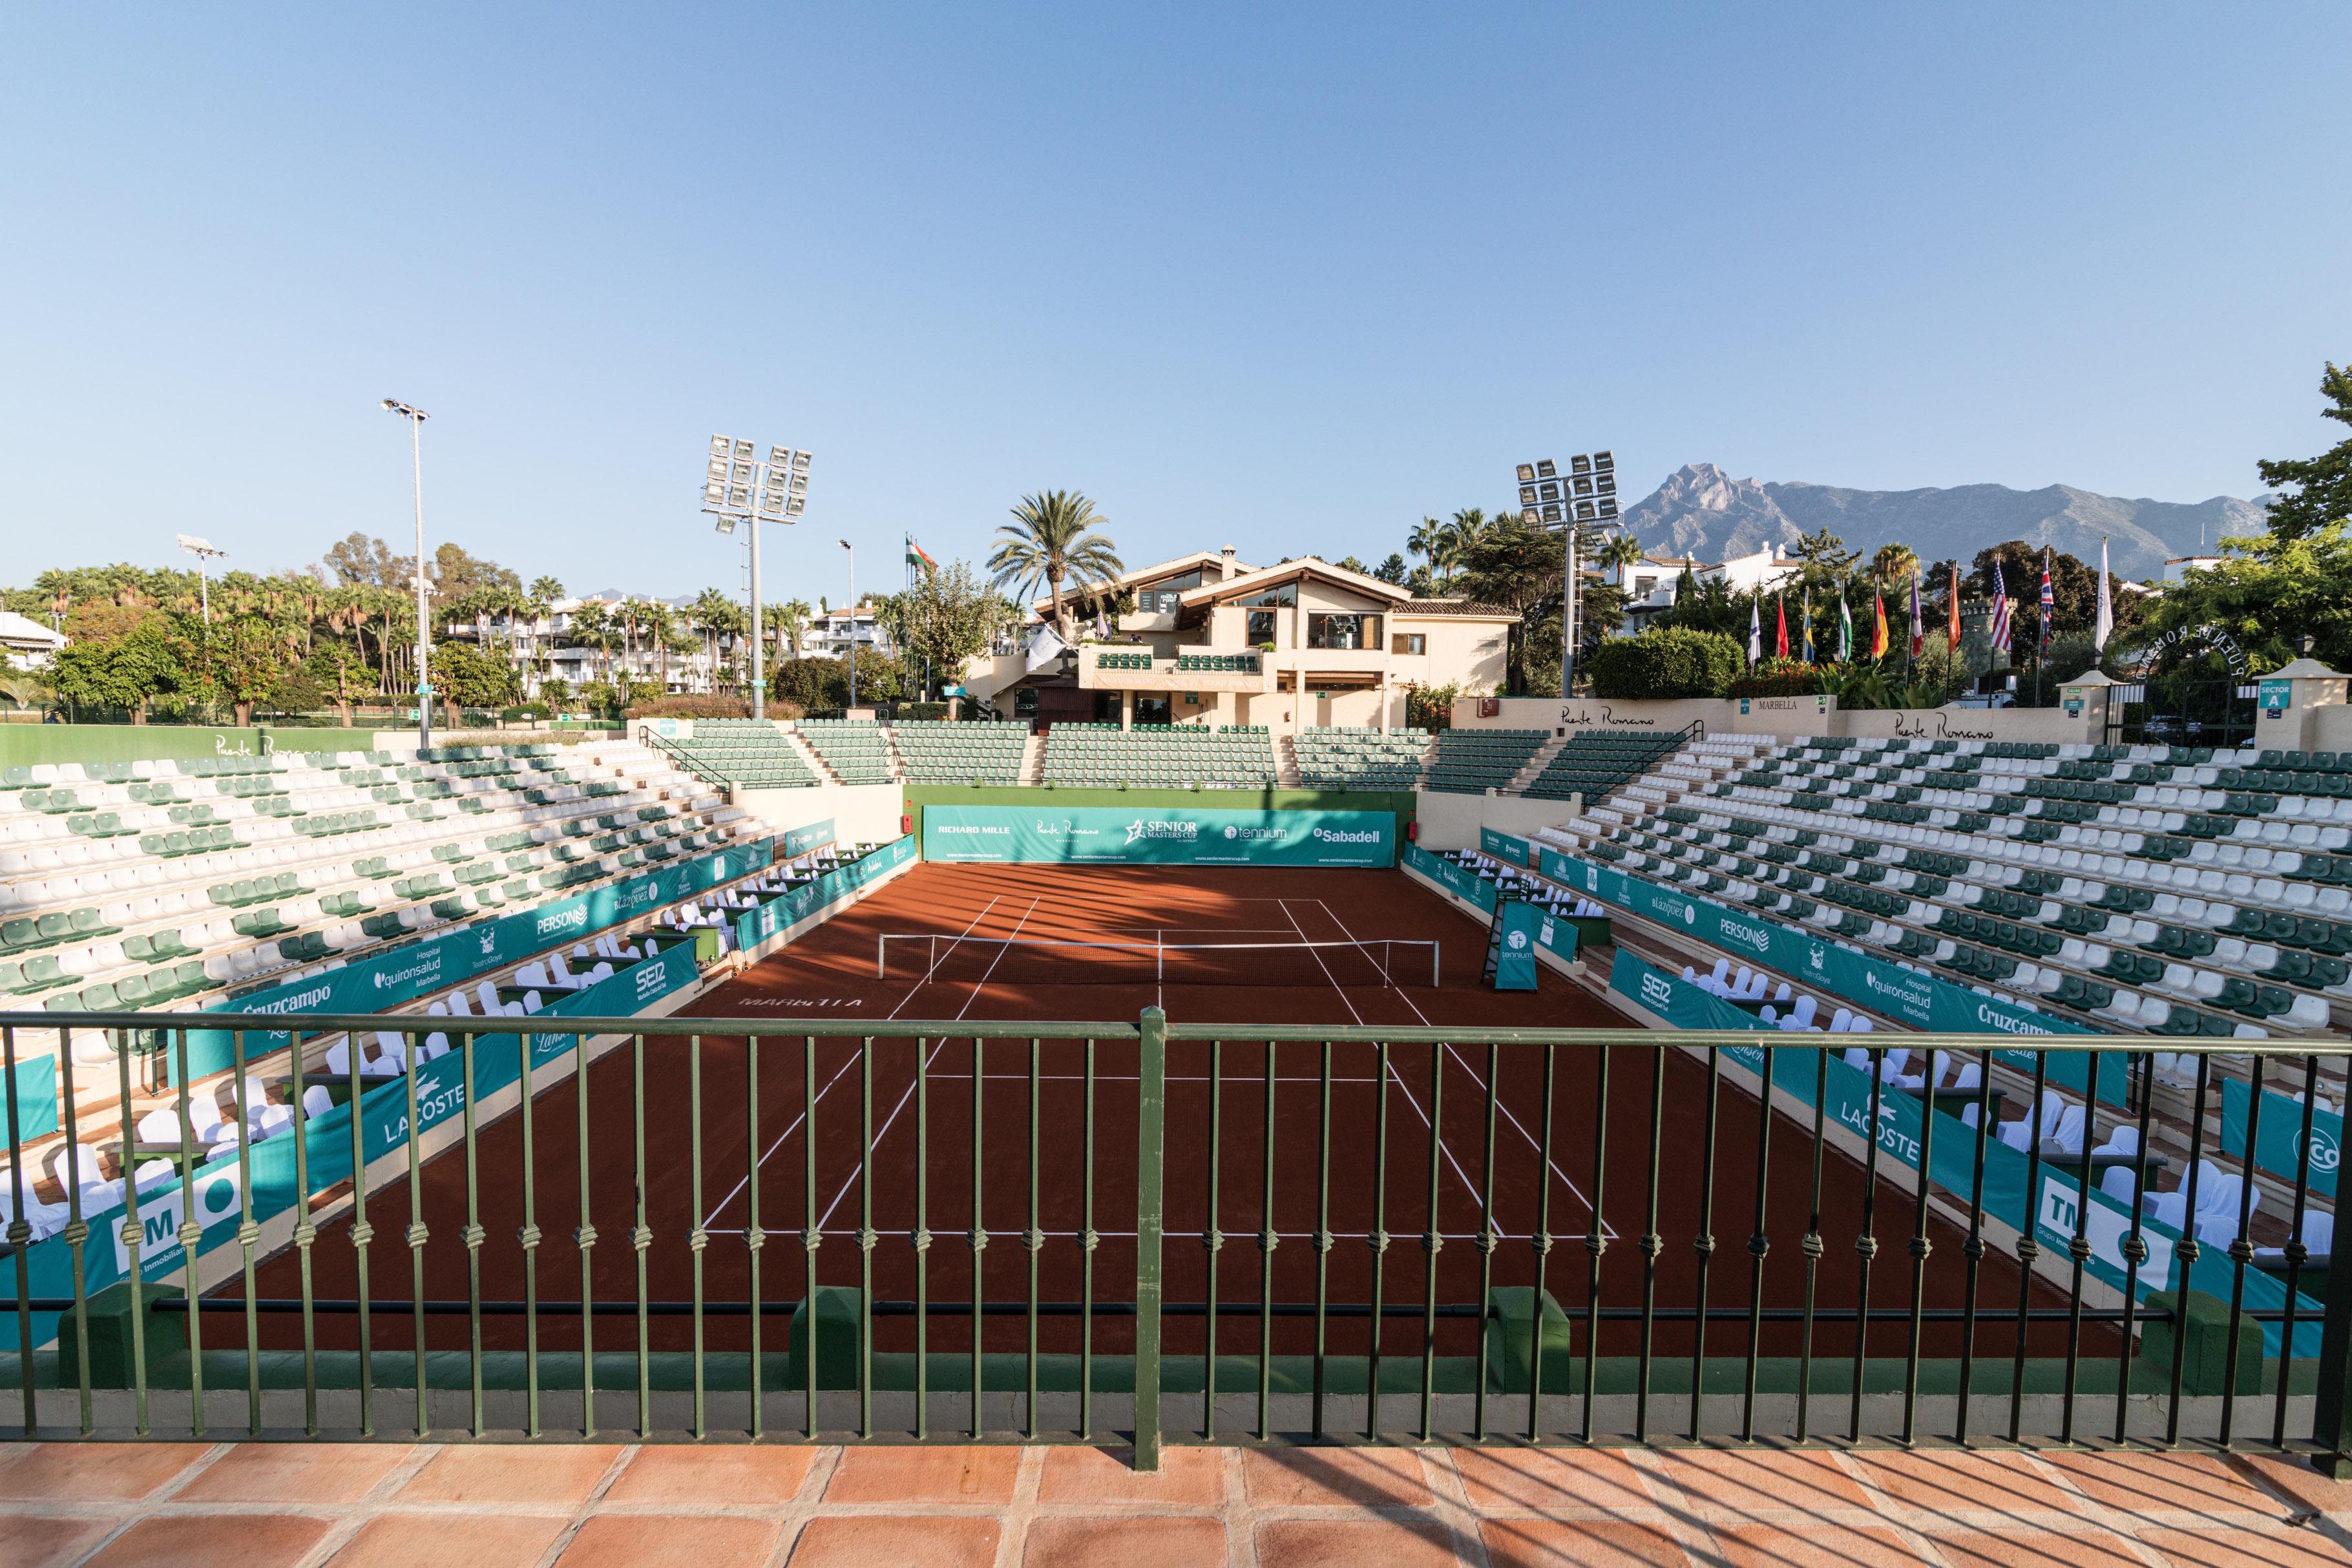 club-de-tenis-puente-romano-5